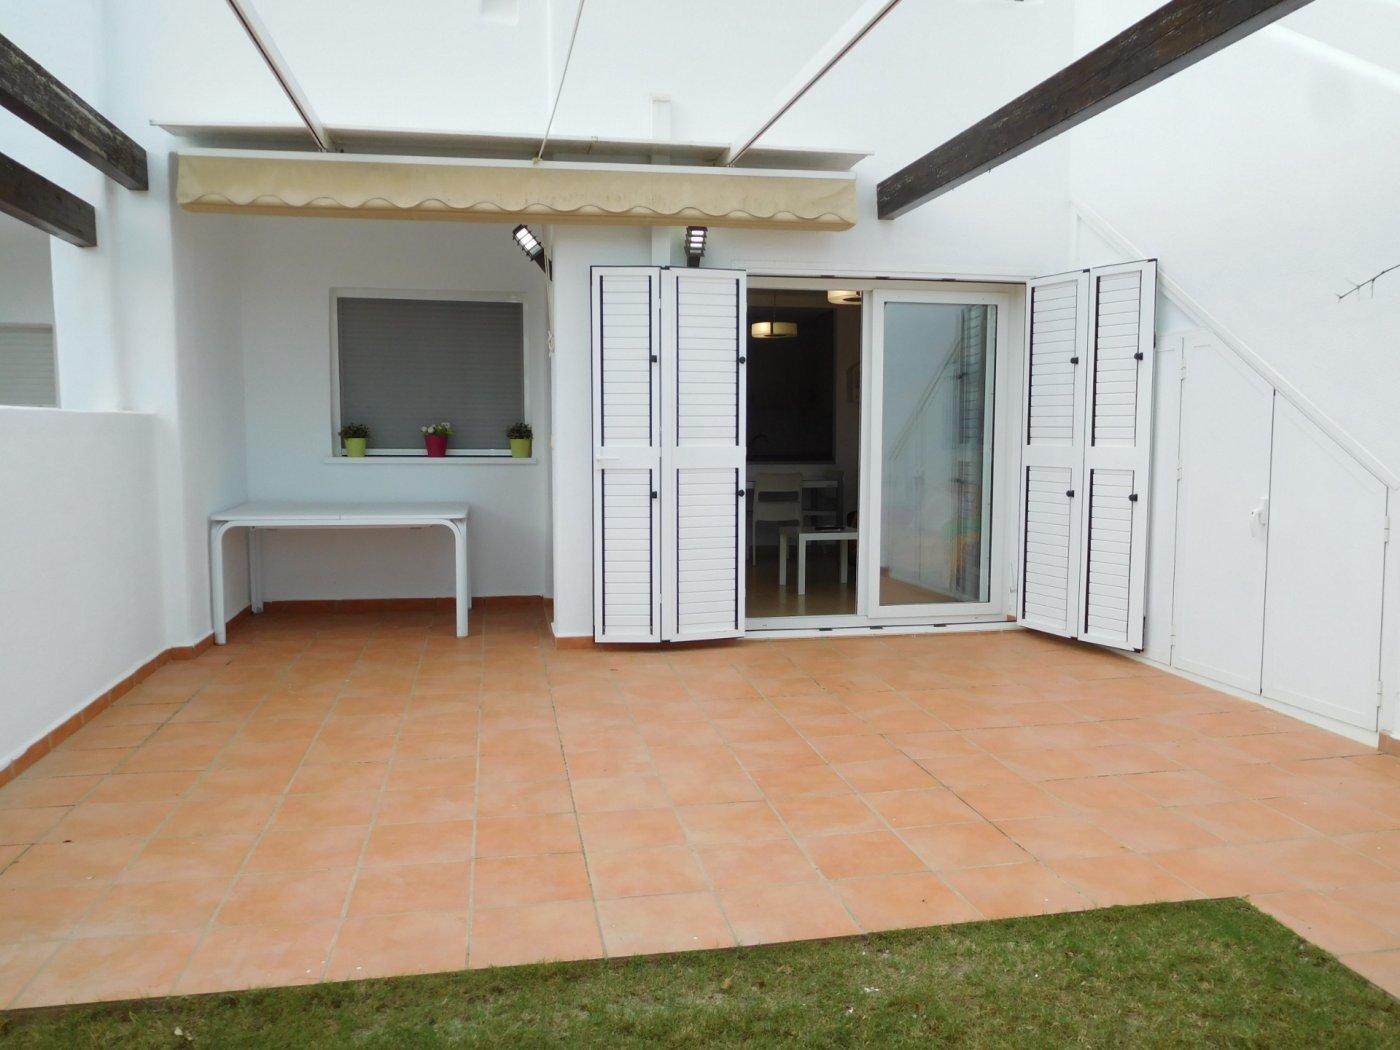 Image 1 Apartment ref 3265-03013 for rent in Condado De Alhama Spain - Quality Homes Costa Cálida